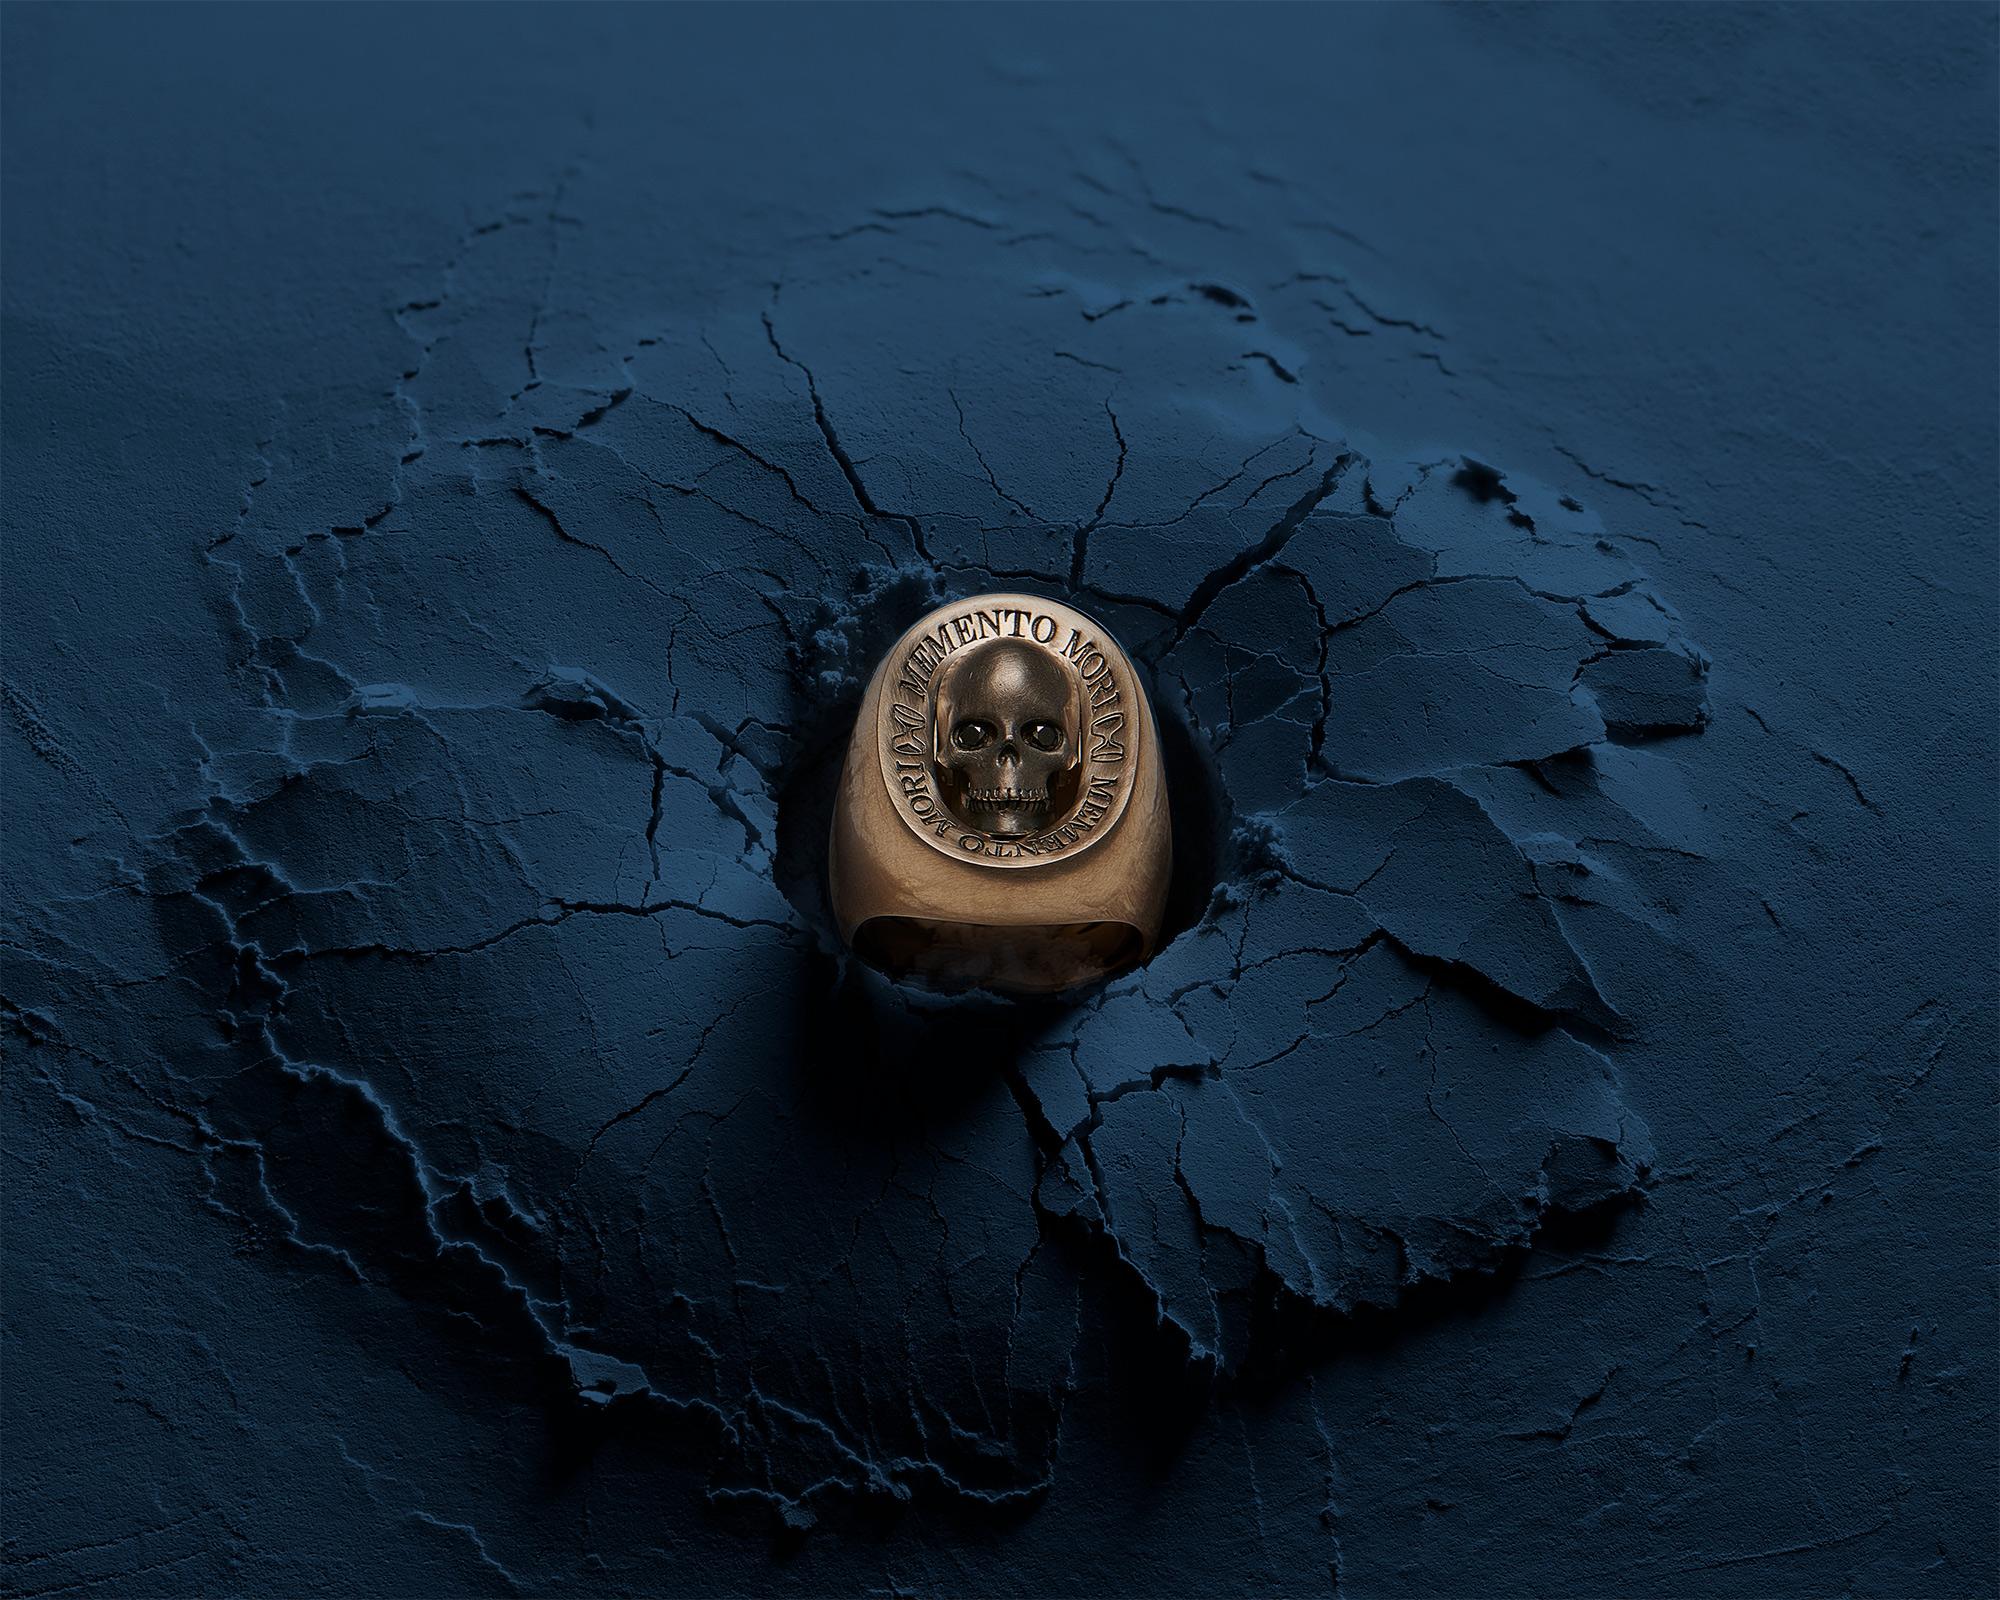 photographie d'ambiance d'une bague chevalière en or jaune pour un bijoutier en suisse